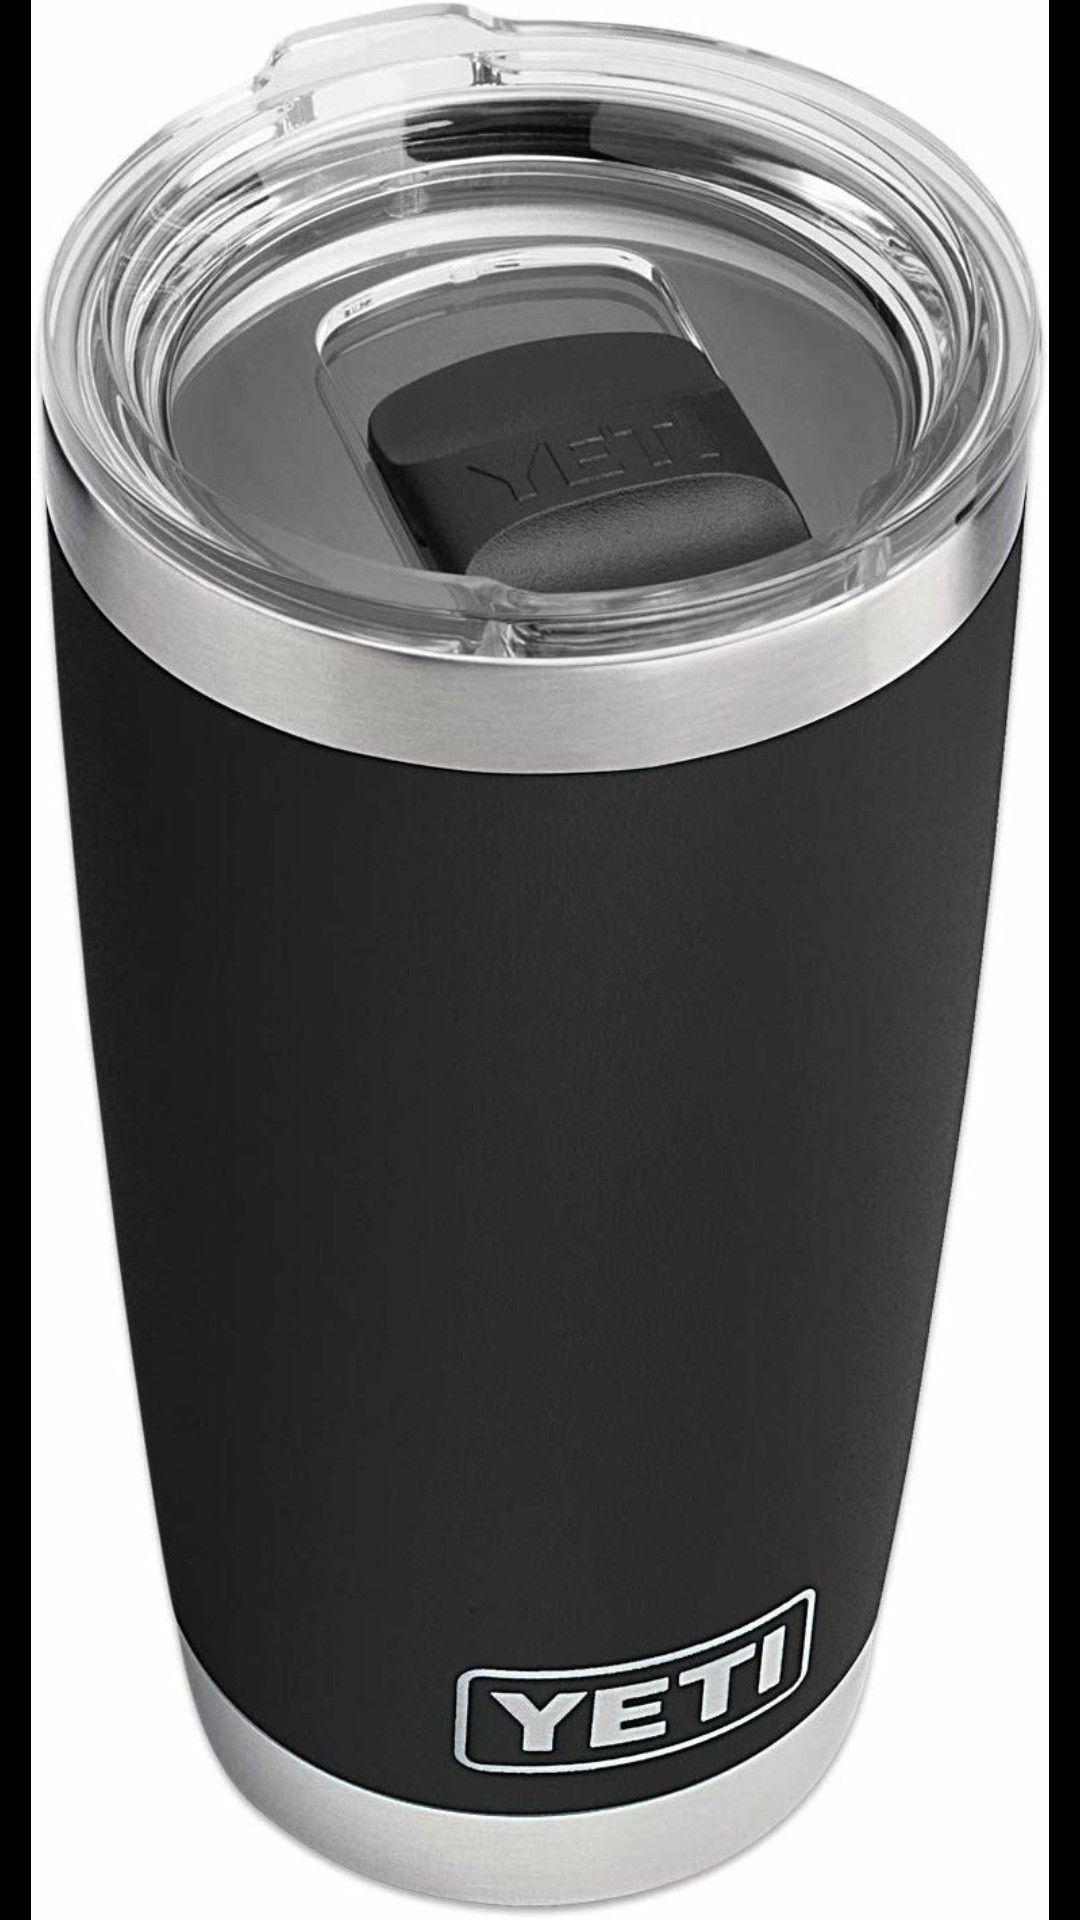 Yeti Travel Mug Yeti rambler, 20 oz tumbler, Rambler tumbler